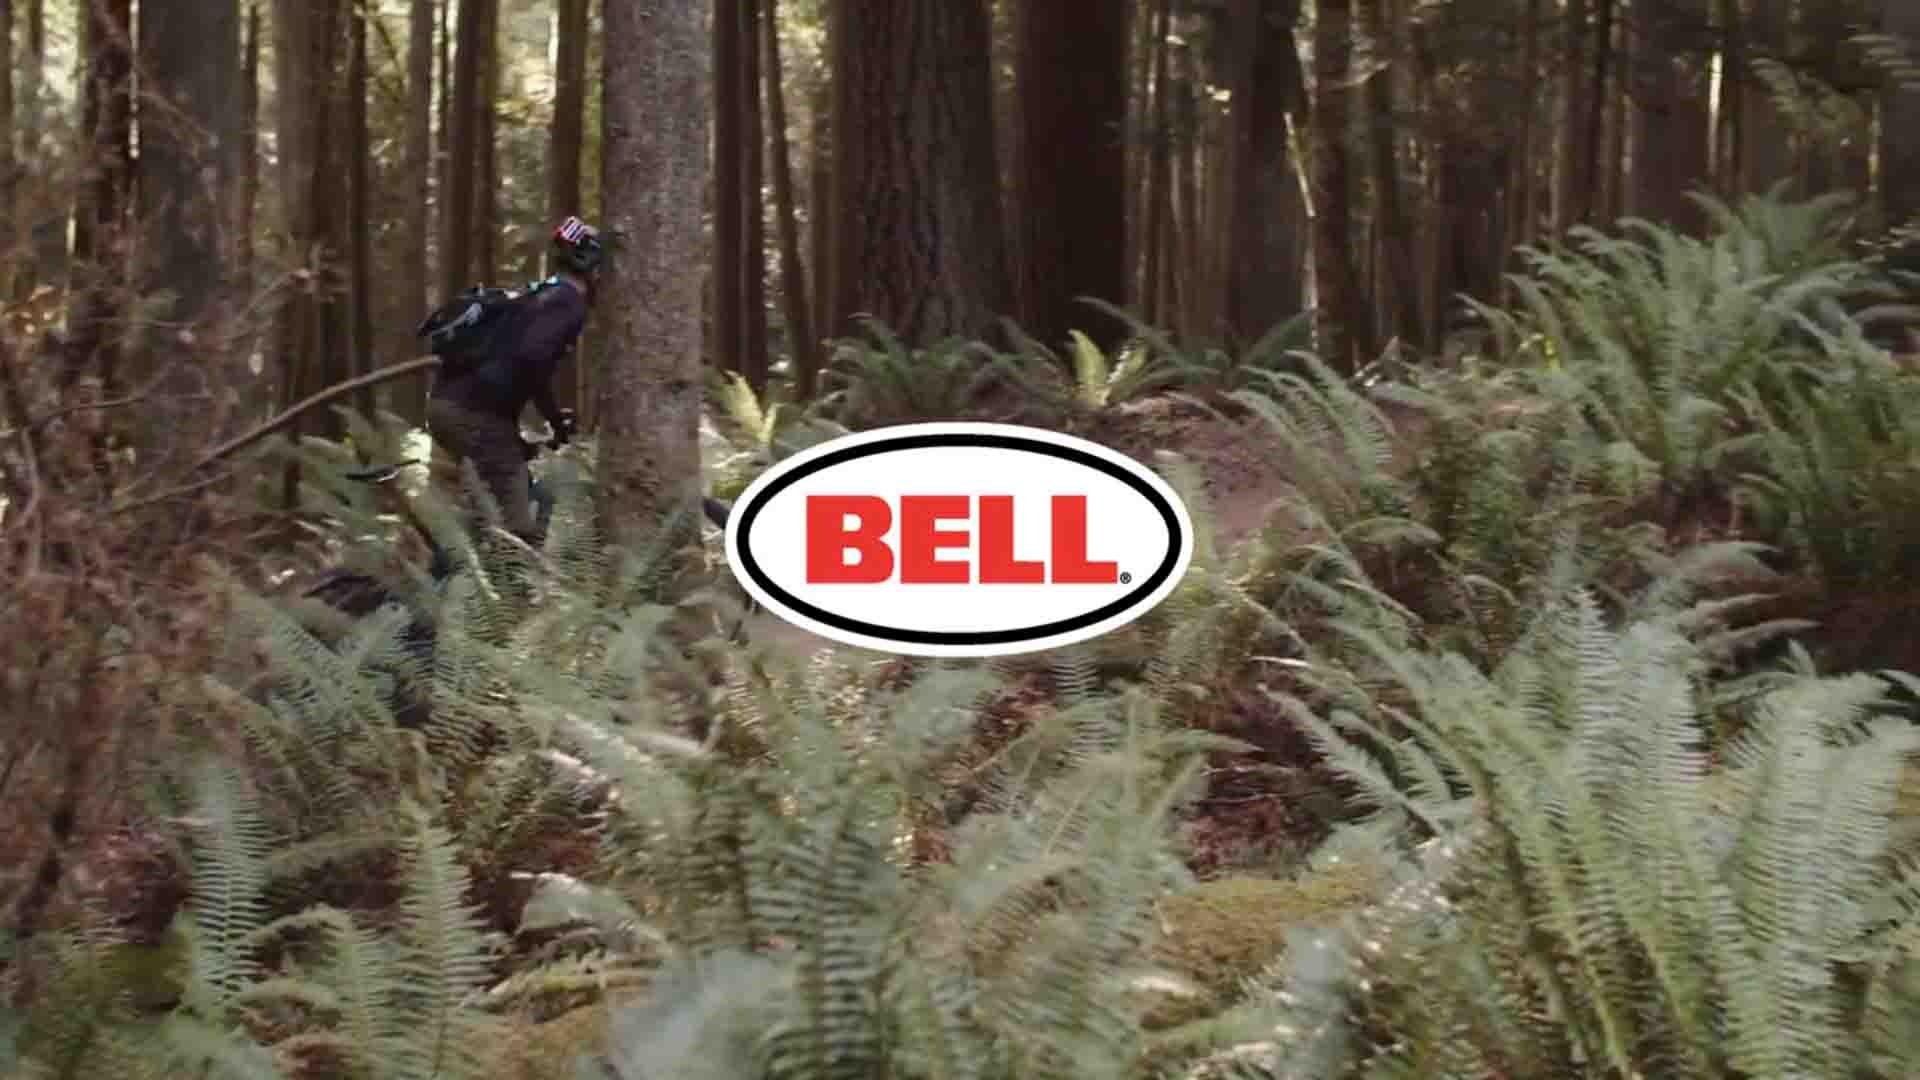 Super Air R Spherical | Bell Helmets